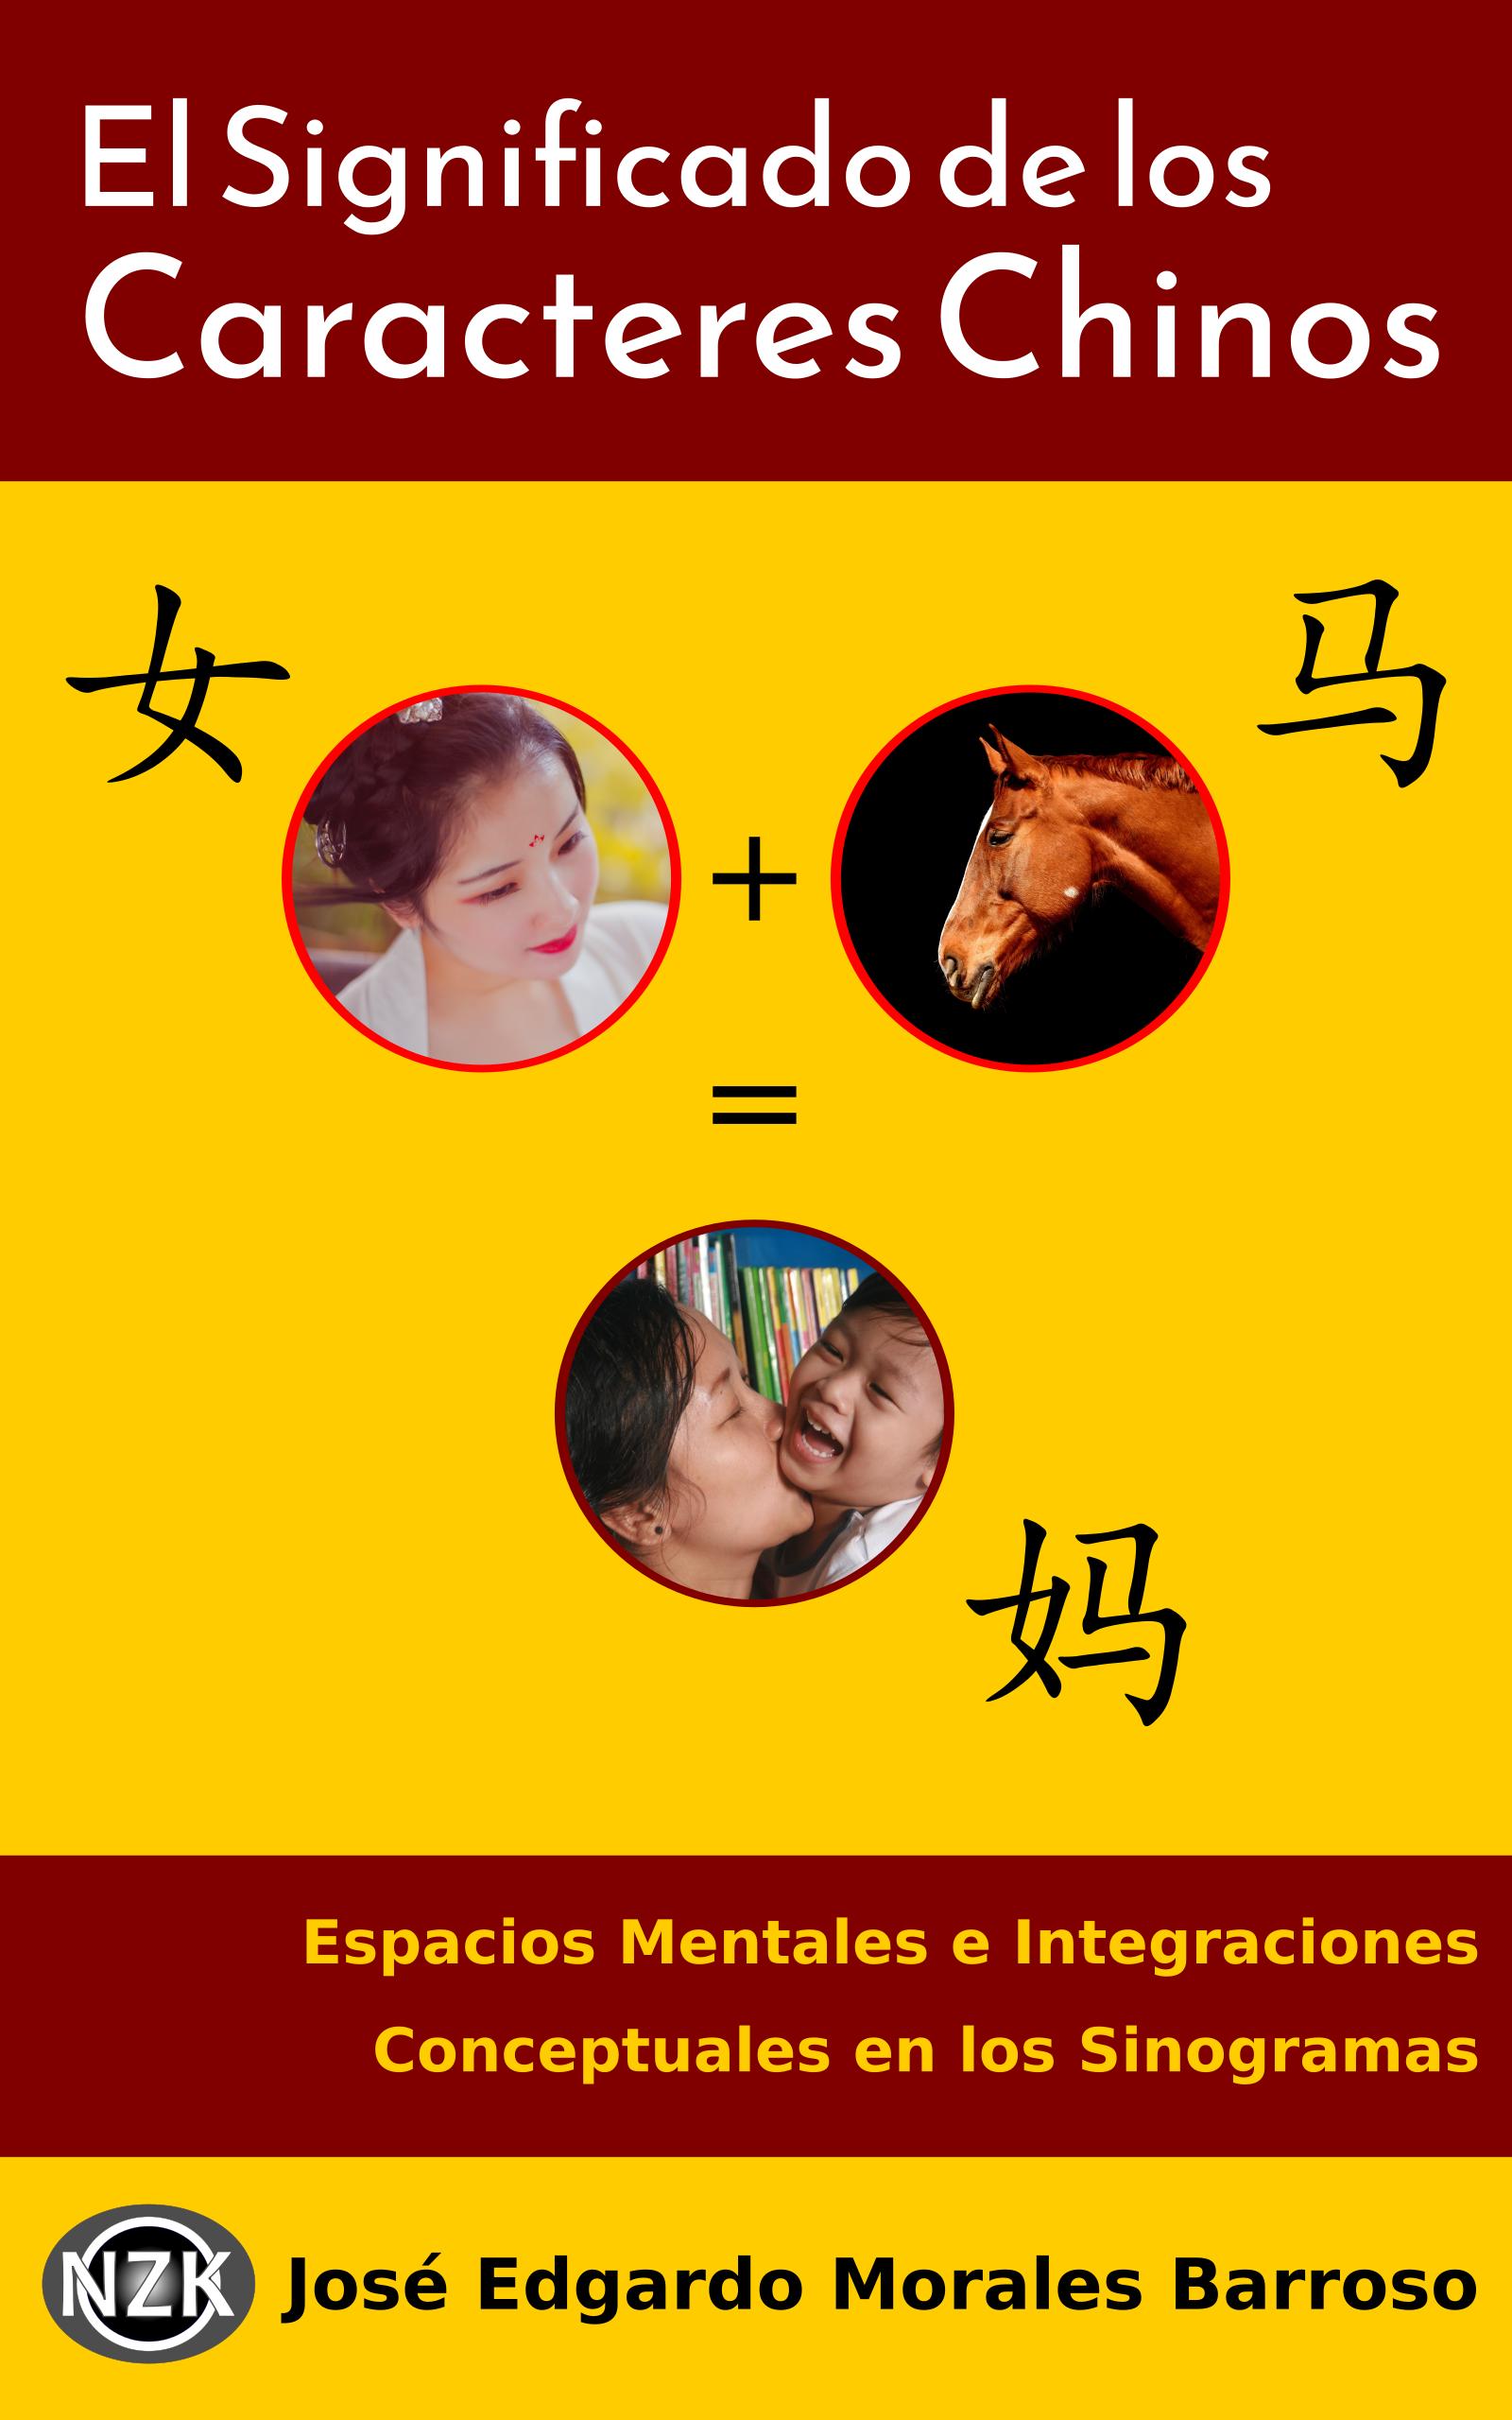 El Significado de los Caracteres Chinos: Espacios Mentales e Integraciones Conceptuales en los Sinogramas (Chino para Todos. #1)